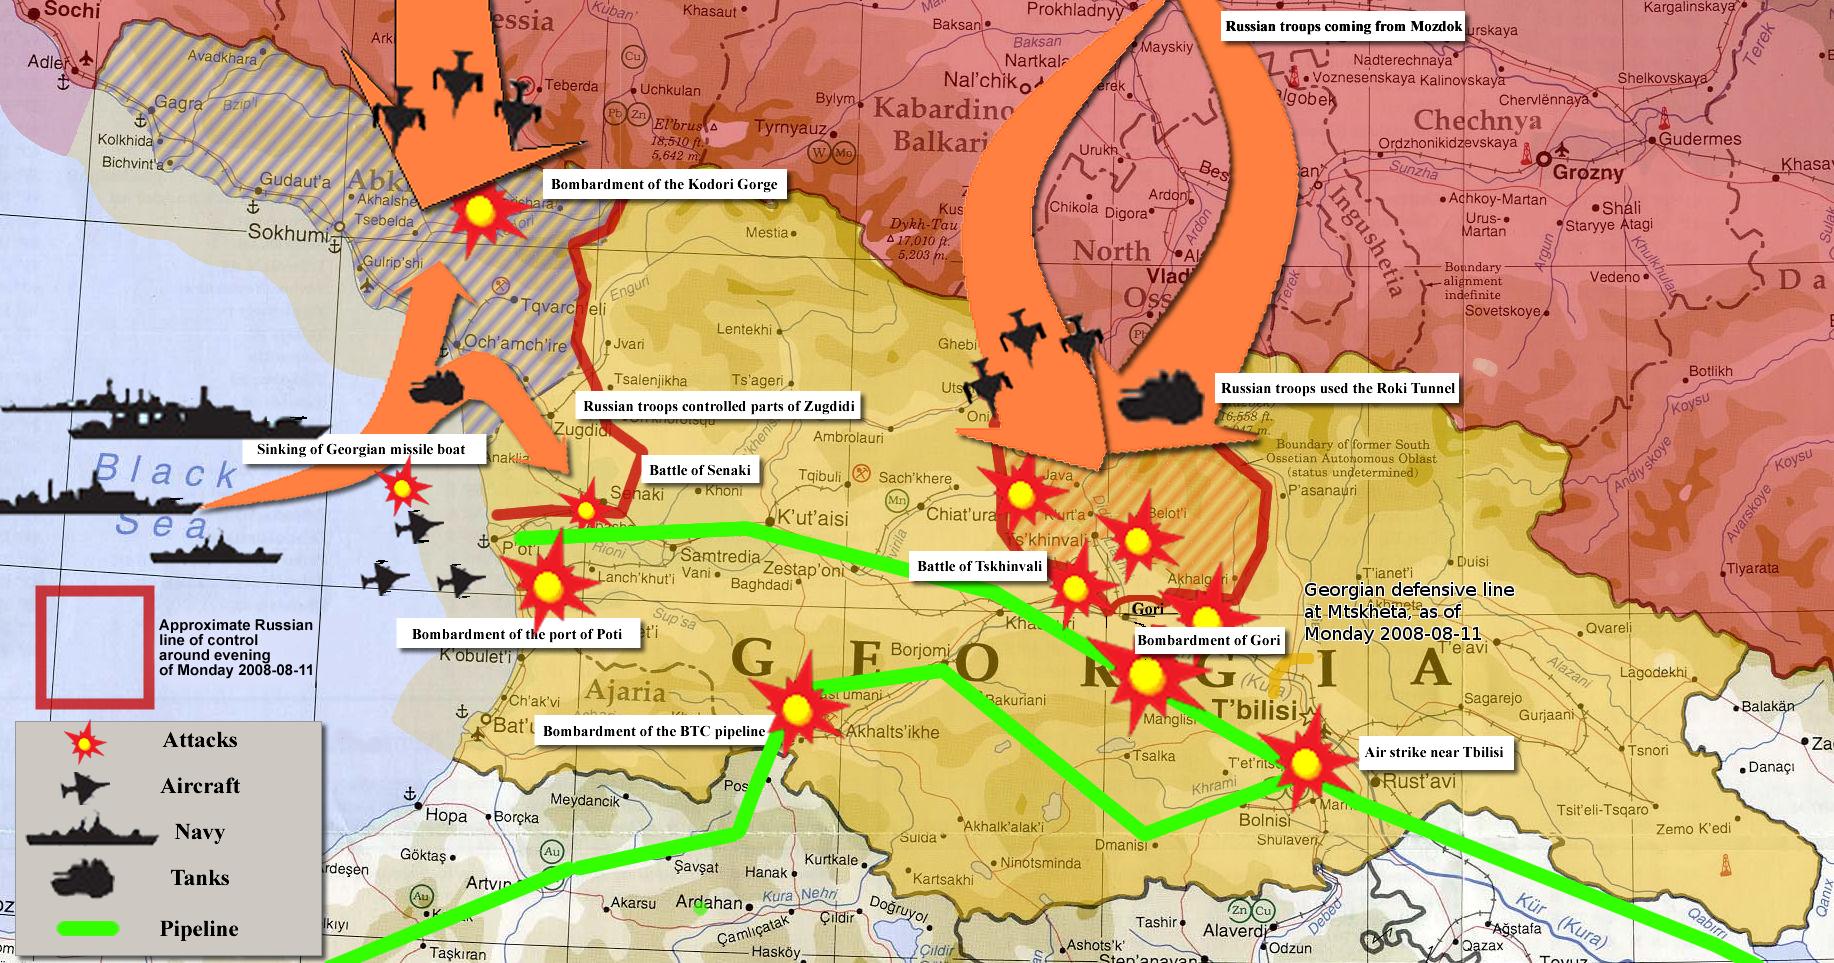 Карта, представяща размера на руската агресия. Бомбардирани са обекти в почти всички части на Грузия.